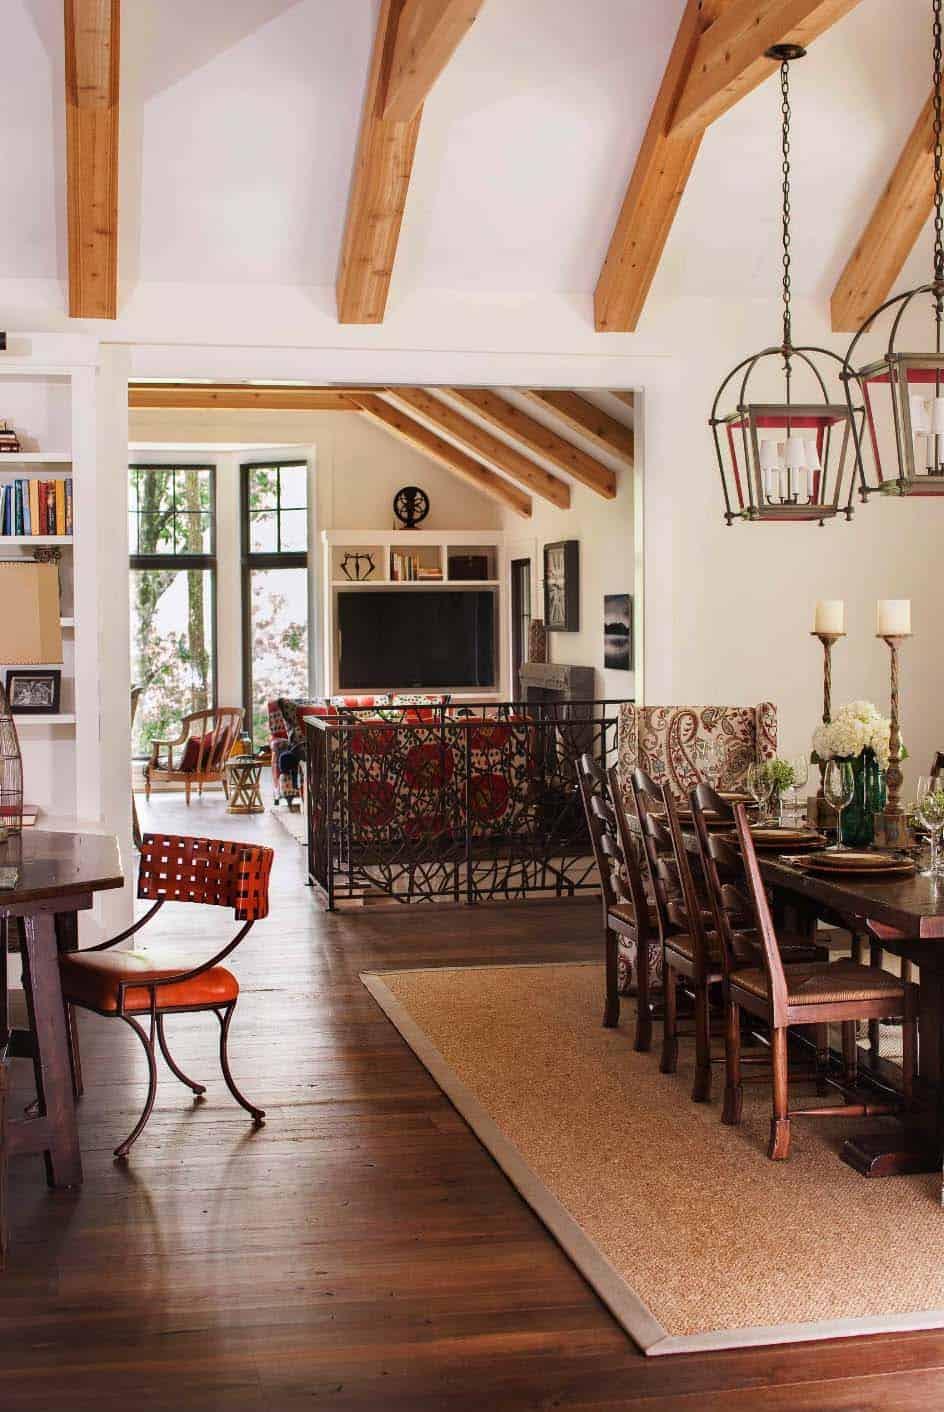 weekend-home-rustic-dining-room